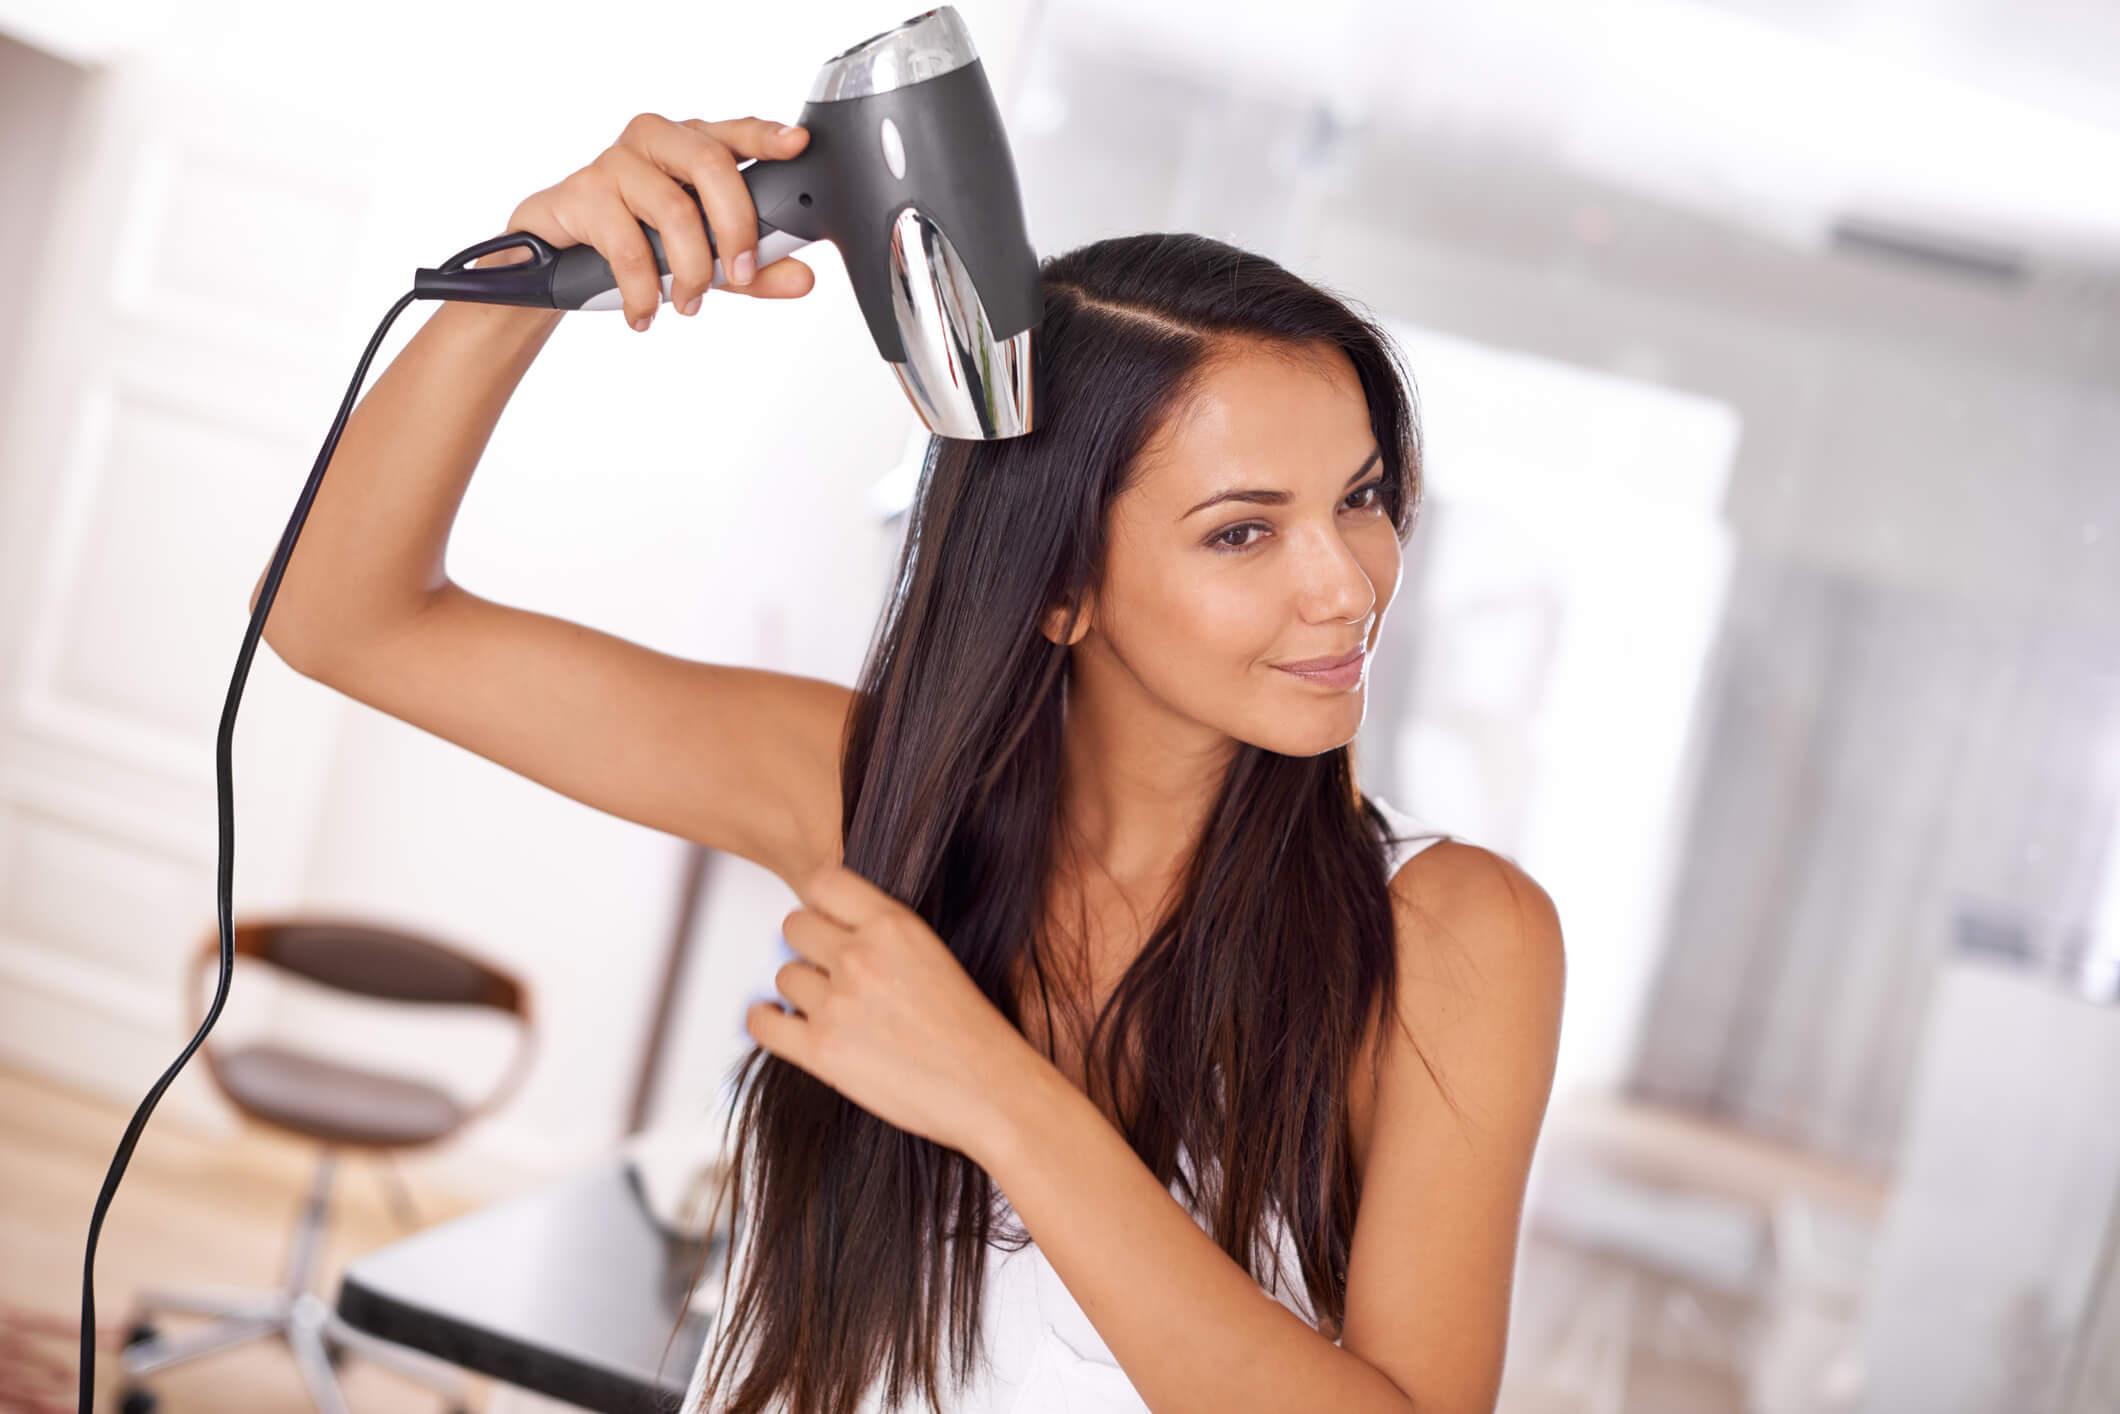 cepillar el cabello lacio con calor secando el pelo